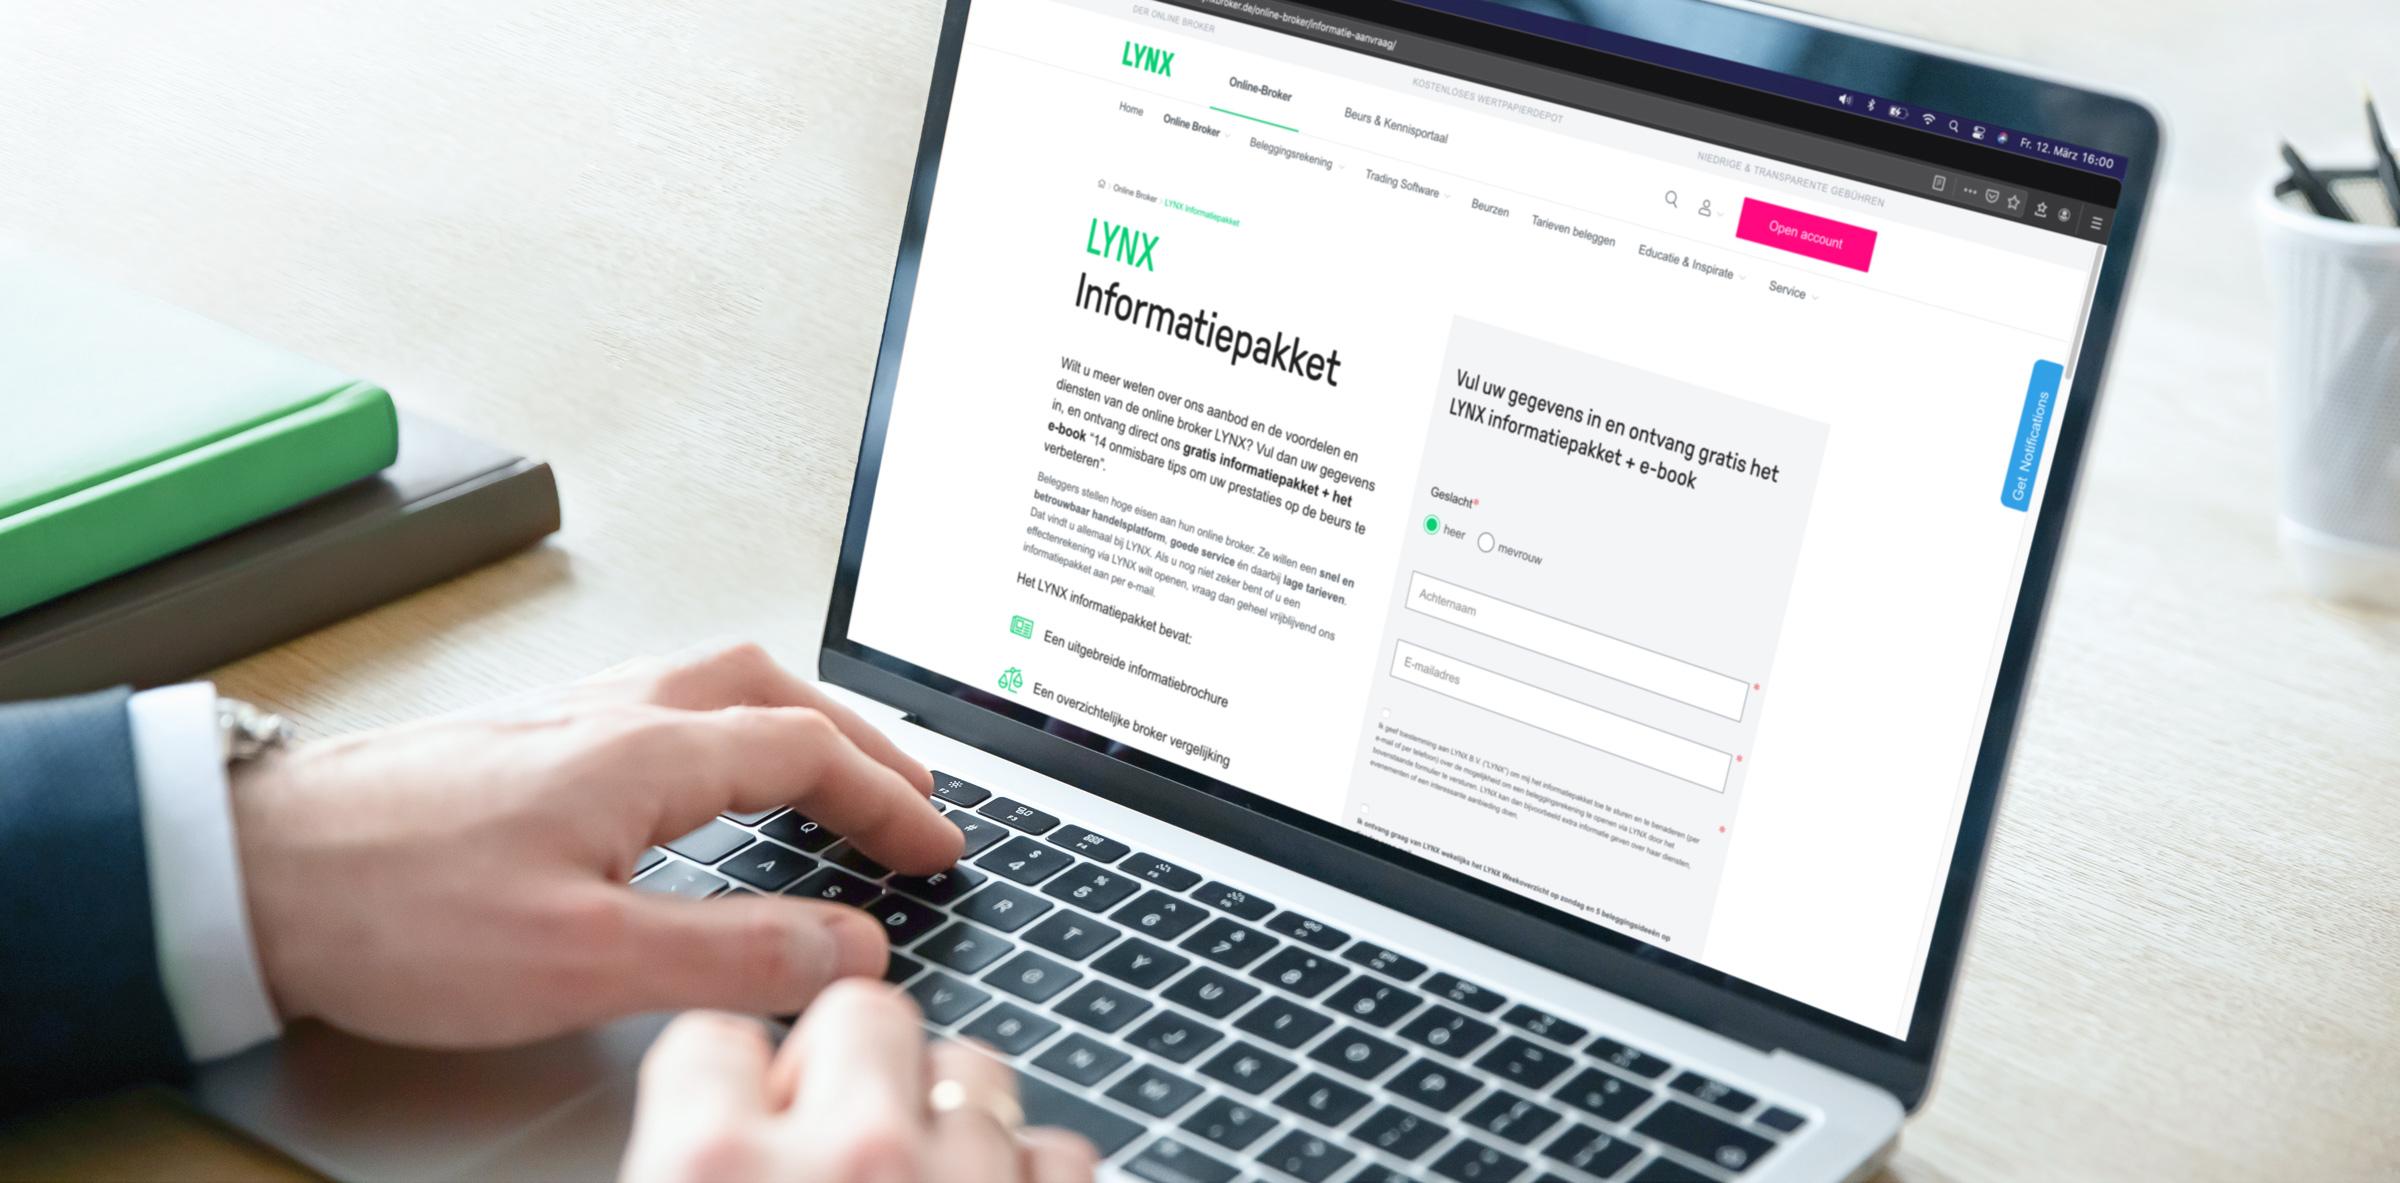 LYNX Informatiepakket - Start met beleggen via LYNX